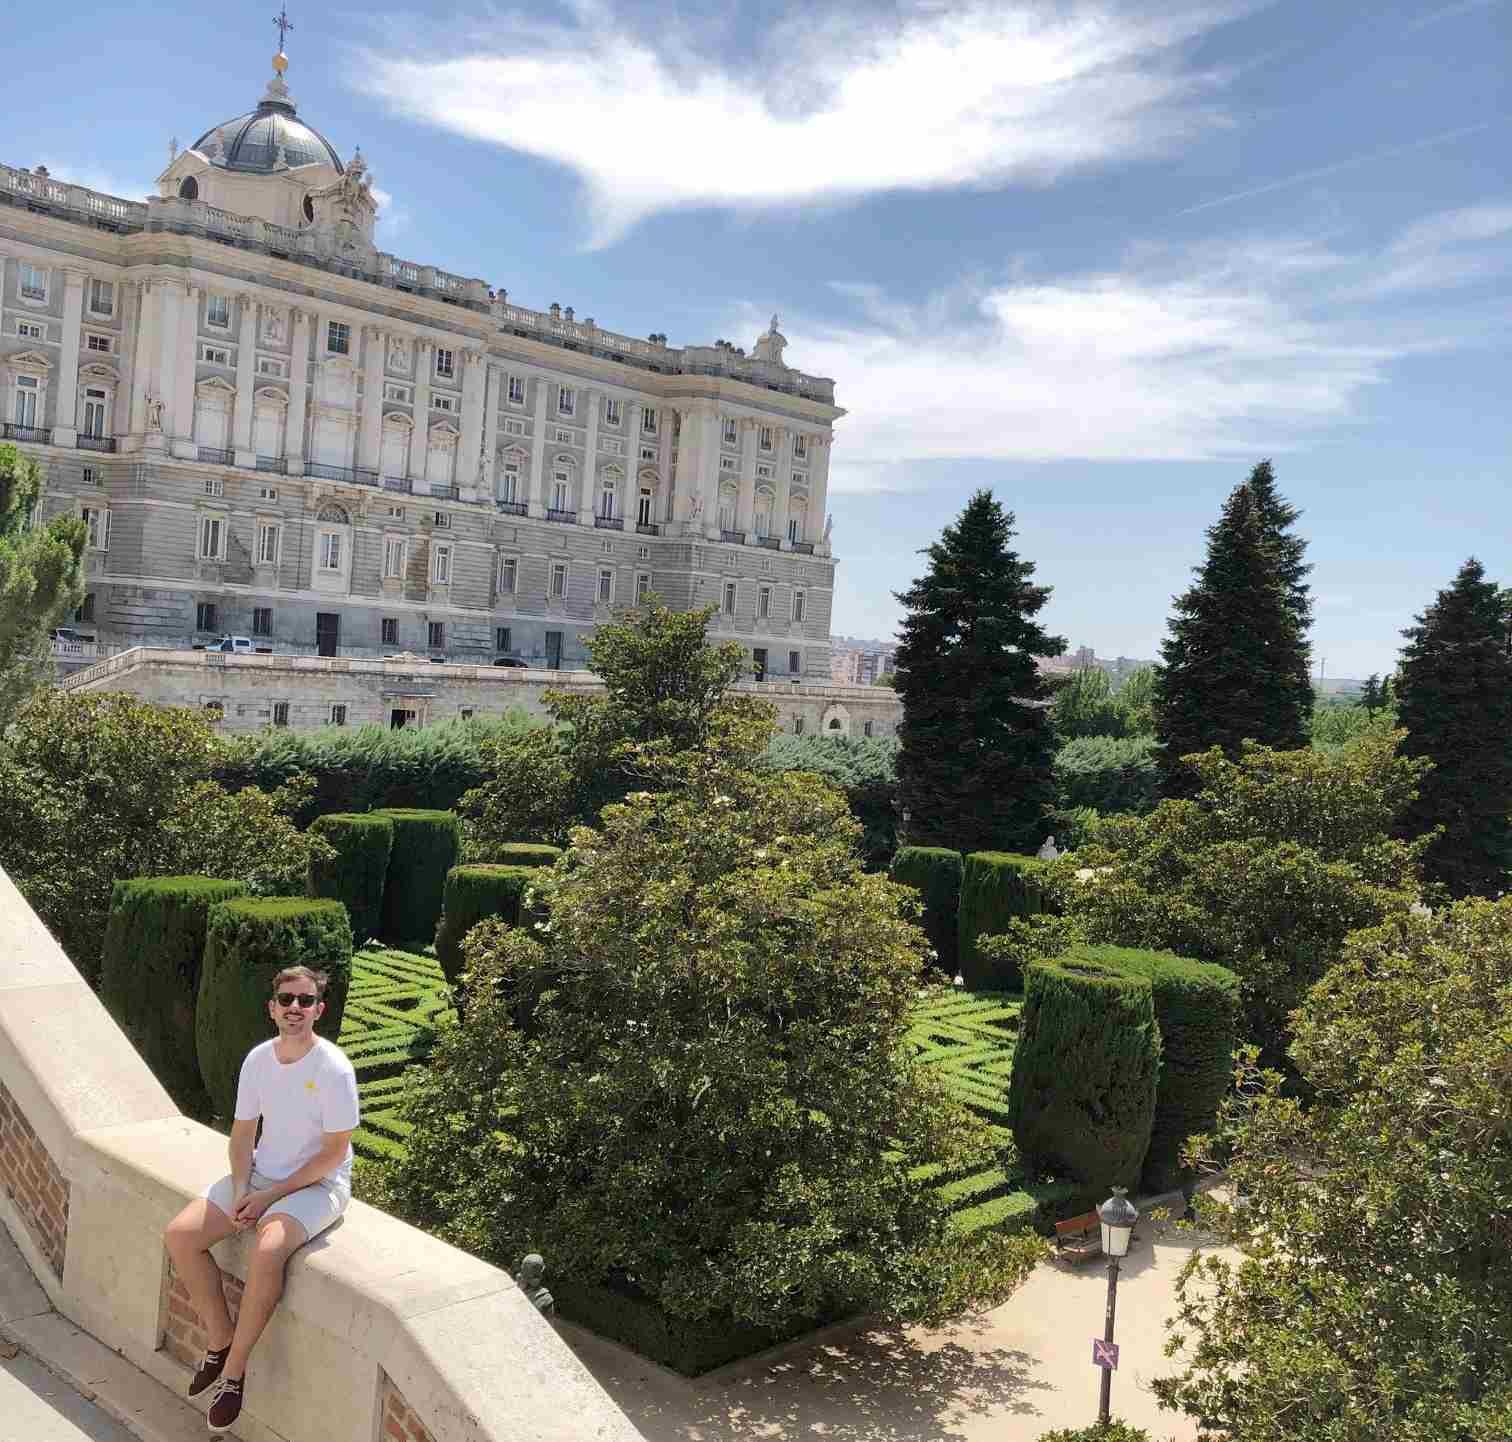 Cosas que ver en Madrid - Palacio Real